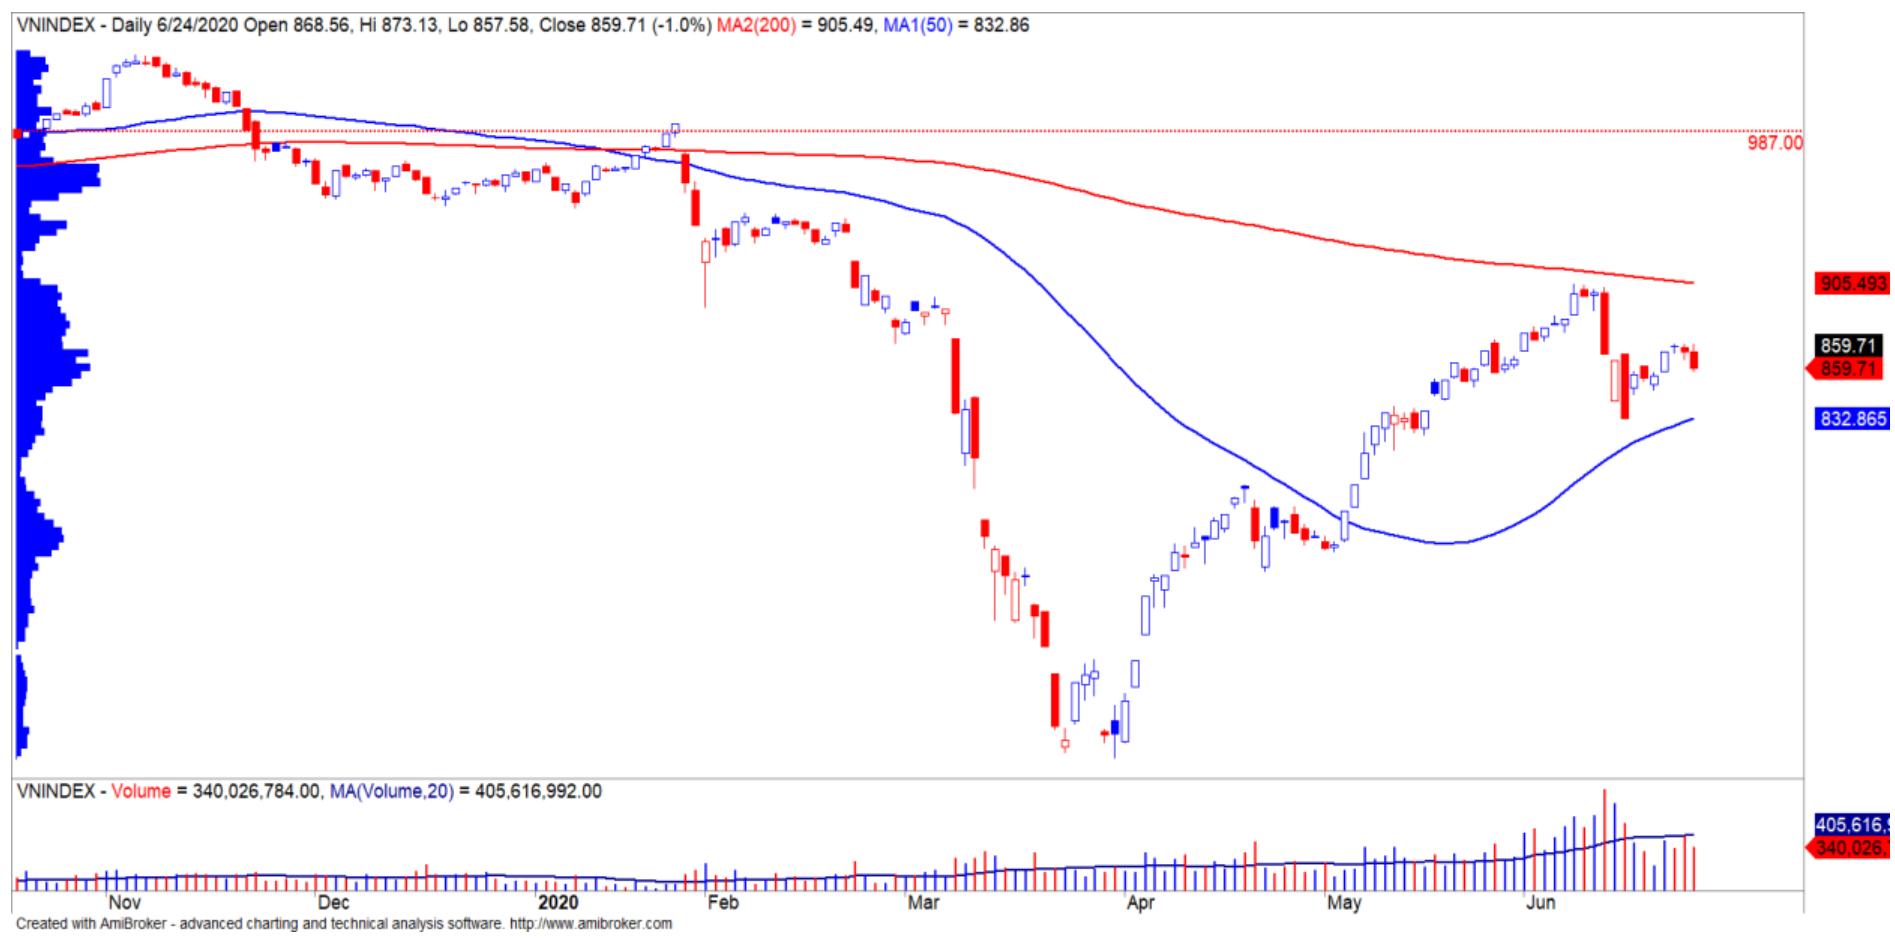 Nhận định thị trường chứng khoán ngày 25/6: Tiếp diễn kịch bản đi ngang trong biên độ thấp - Ảnh 1.